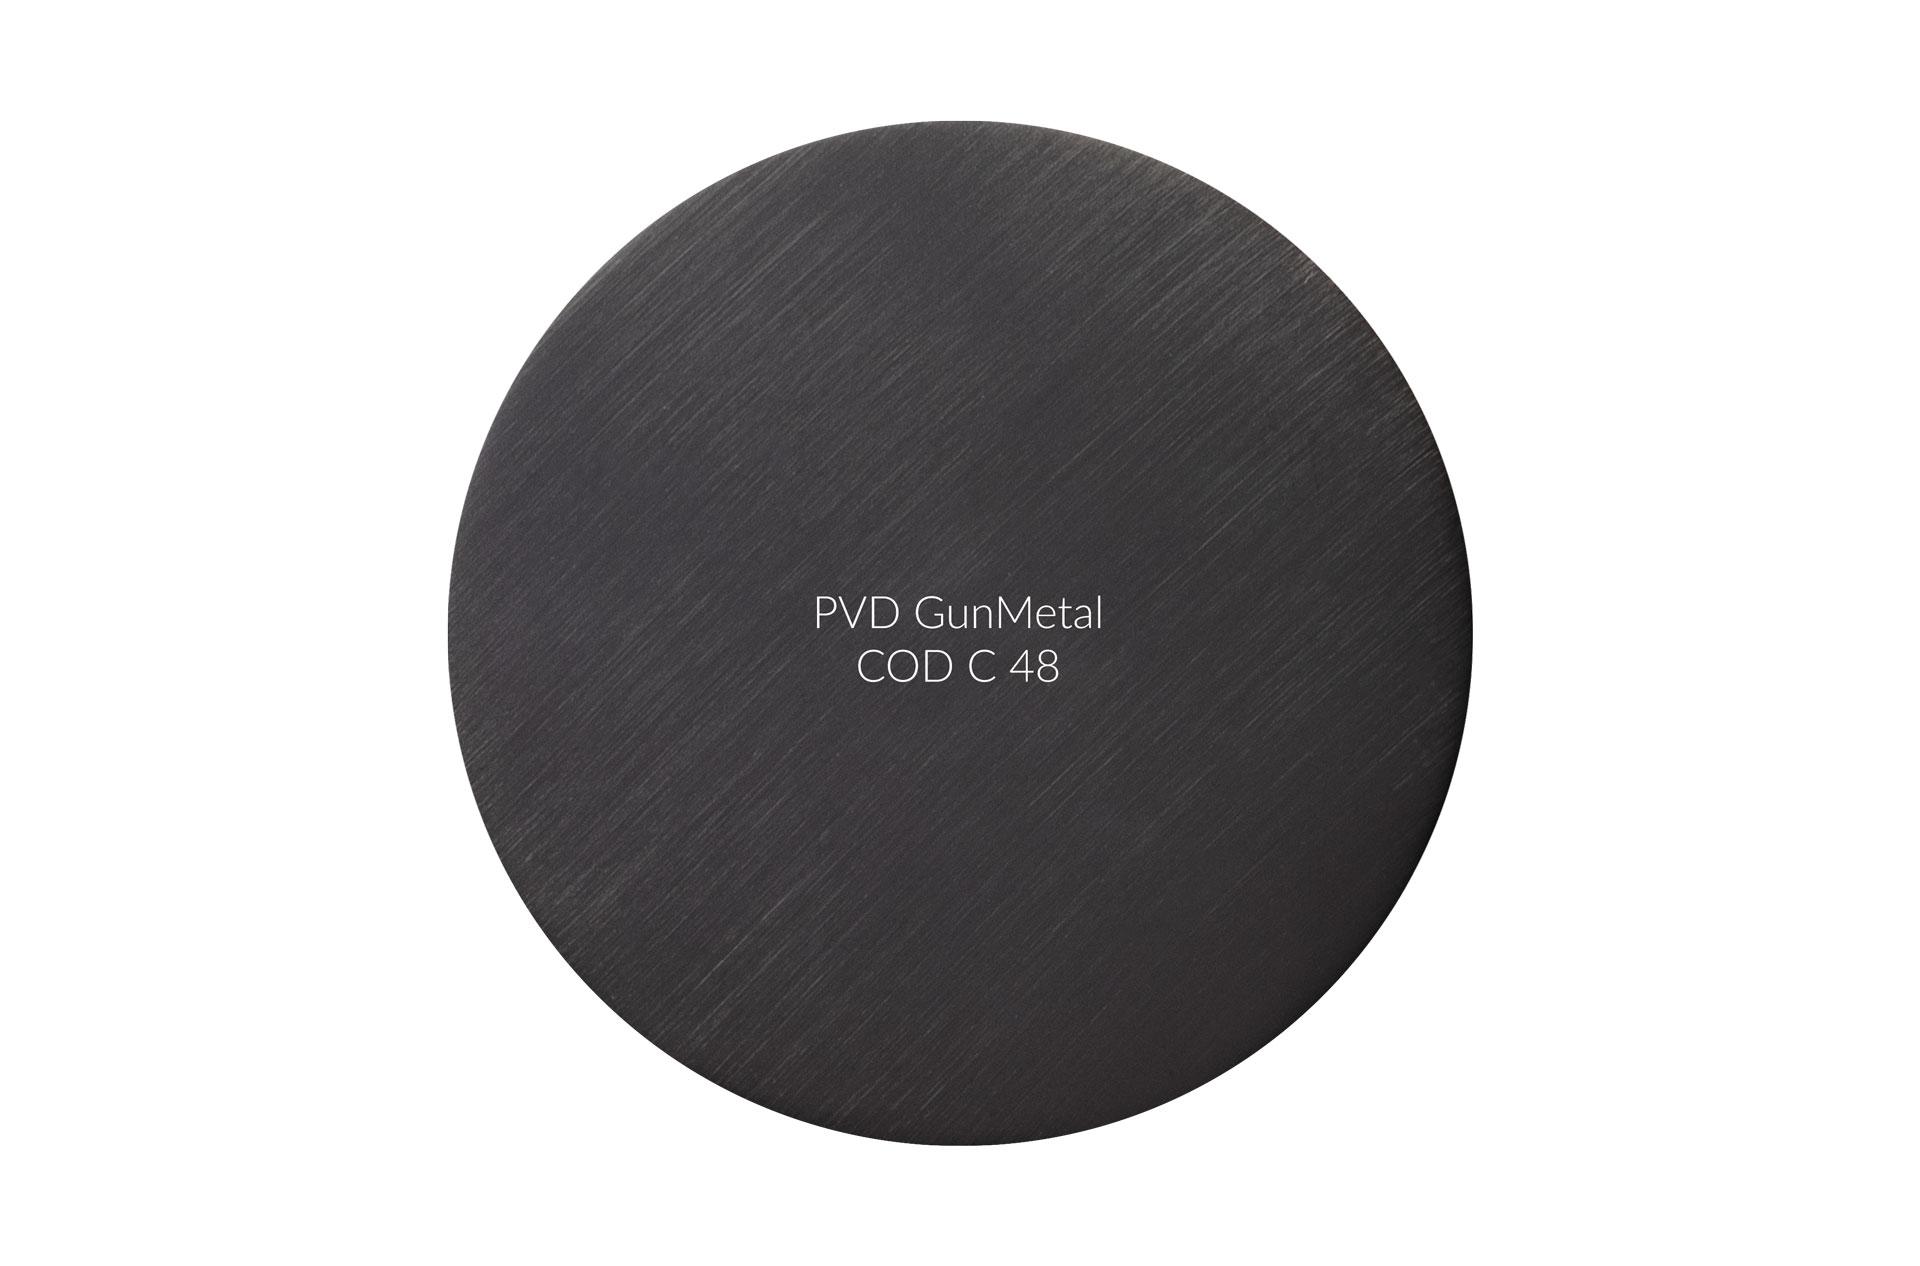 PVD GunMetal cod 48 graffiato